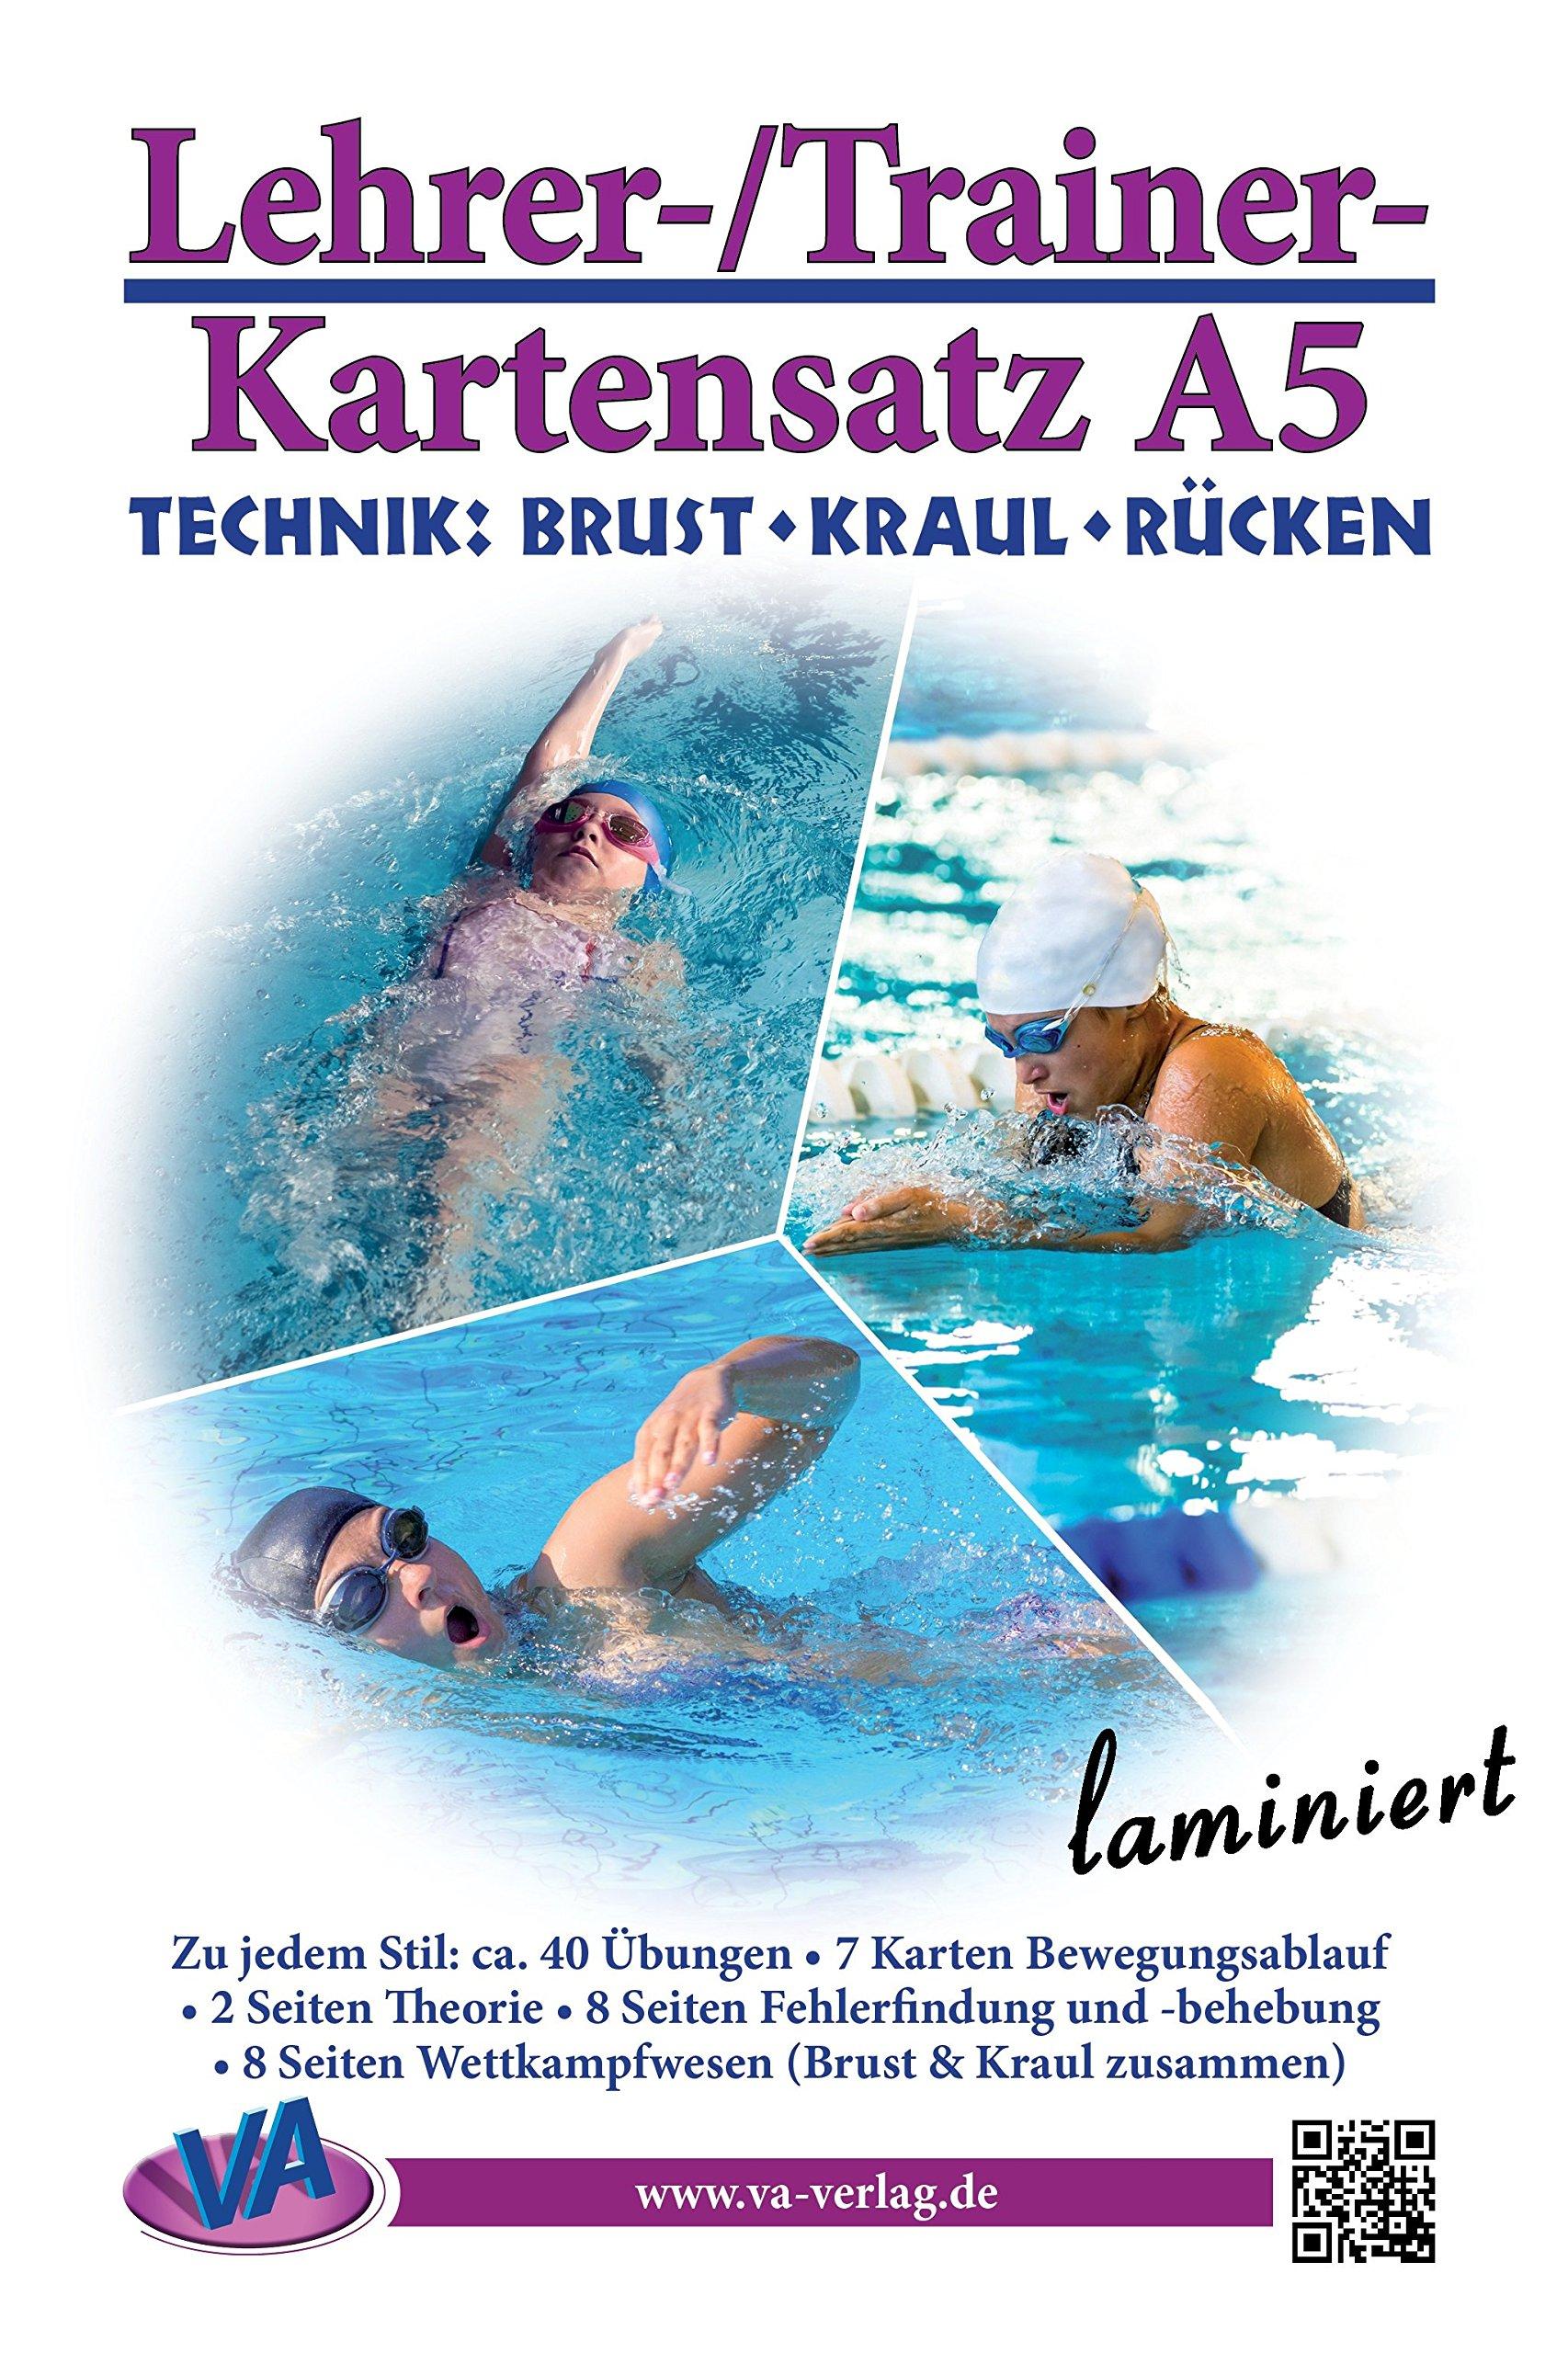 Lehrer-/Trainer-Kartensatz A5: Technik (Brust - Kraul - Rücken), laminiert (Arbeitskarten für den Schwimmunterricht)